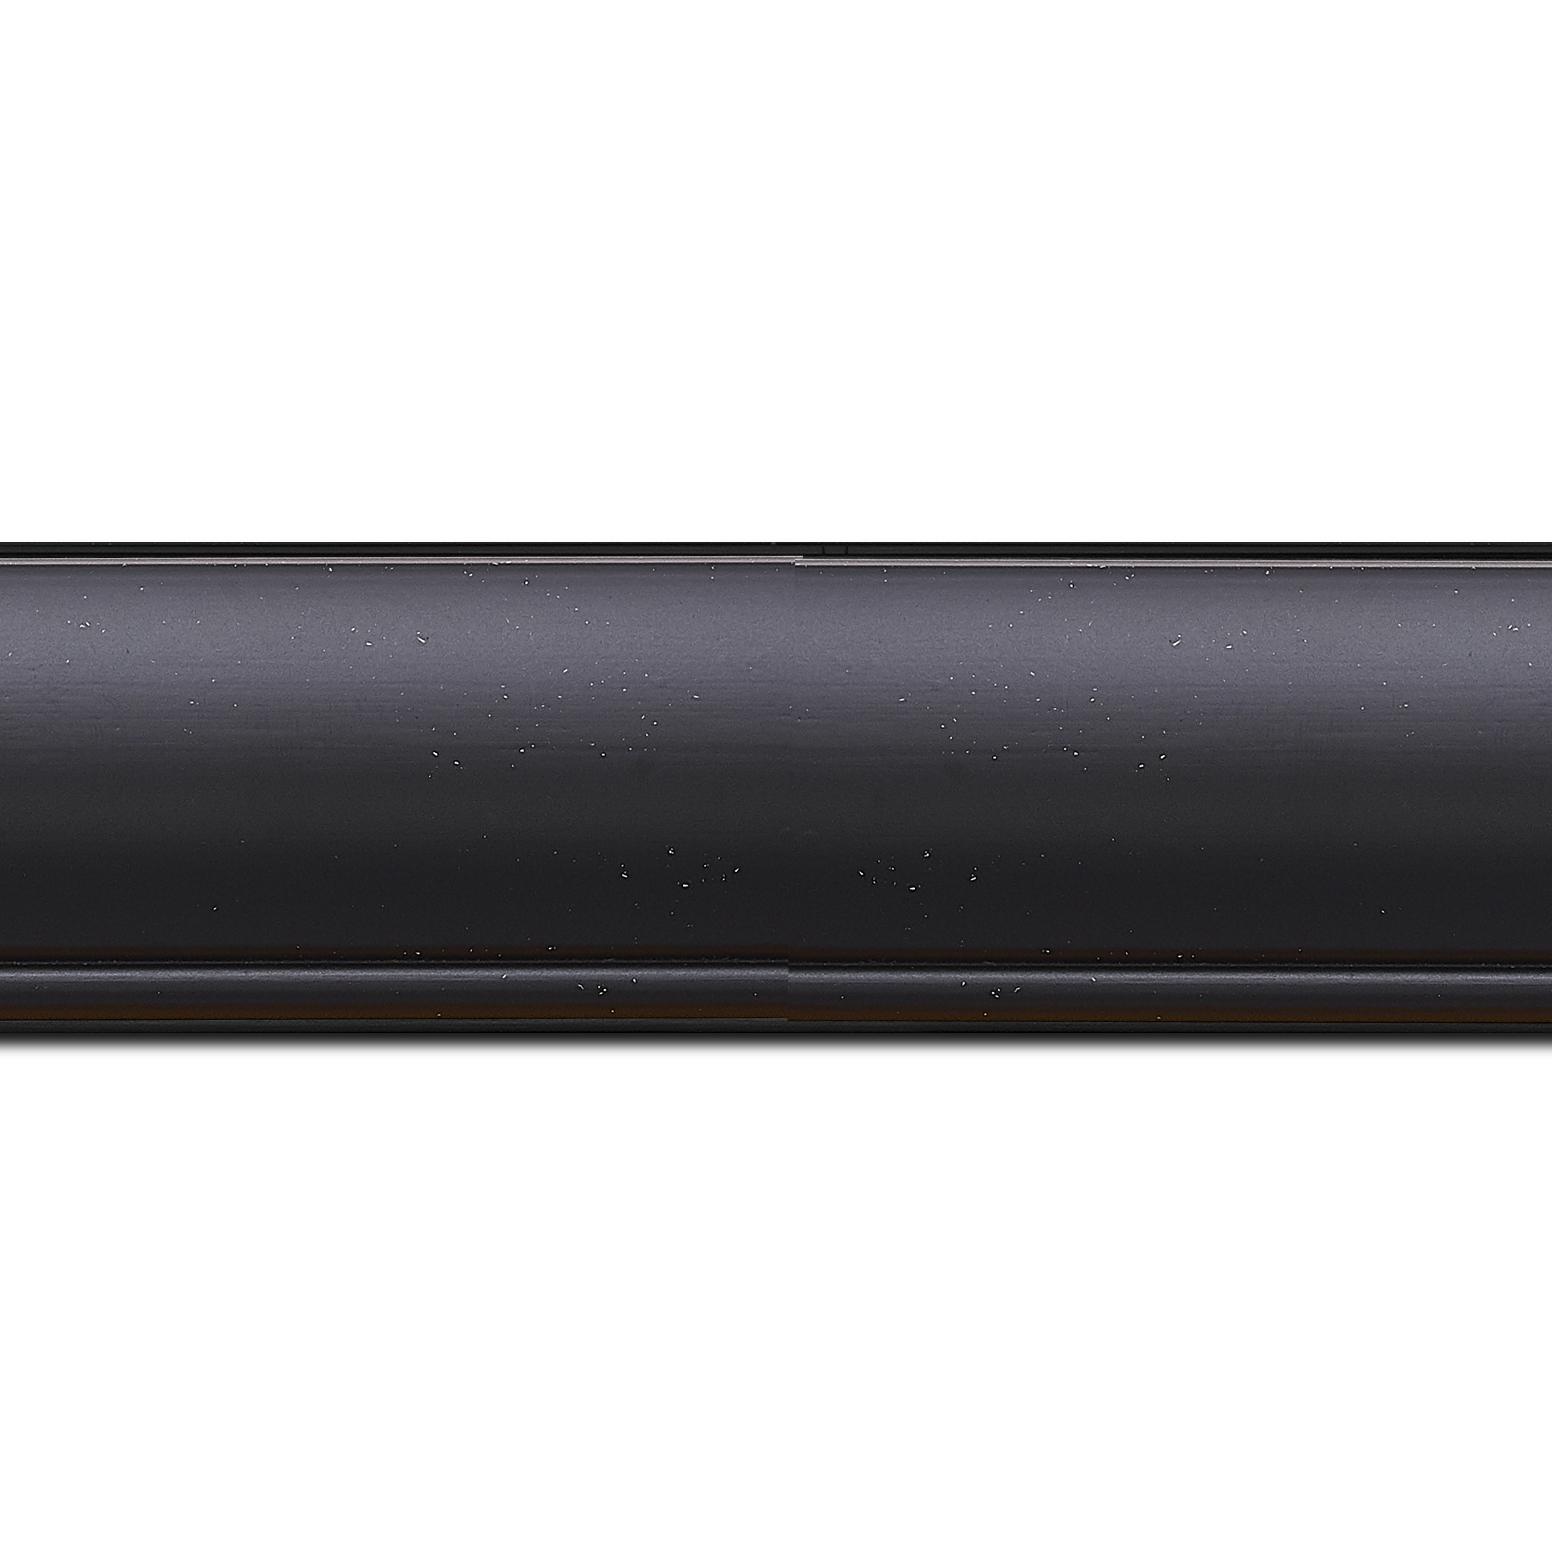 Baguette longueur 1.40m bois profil arrondi largeur 4.7cm couleur noir mat finition pore bouché filet noir mat